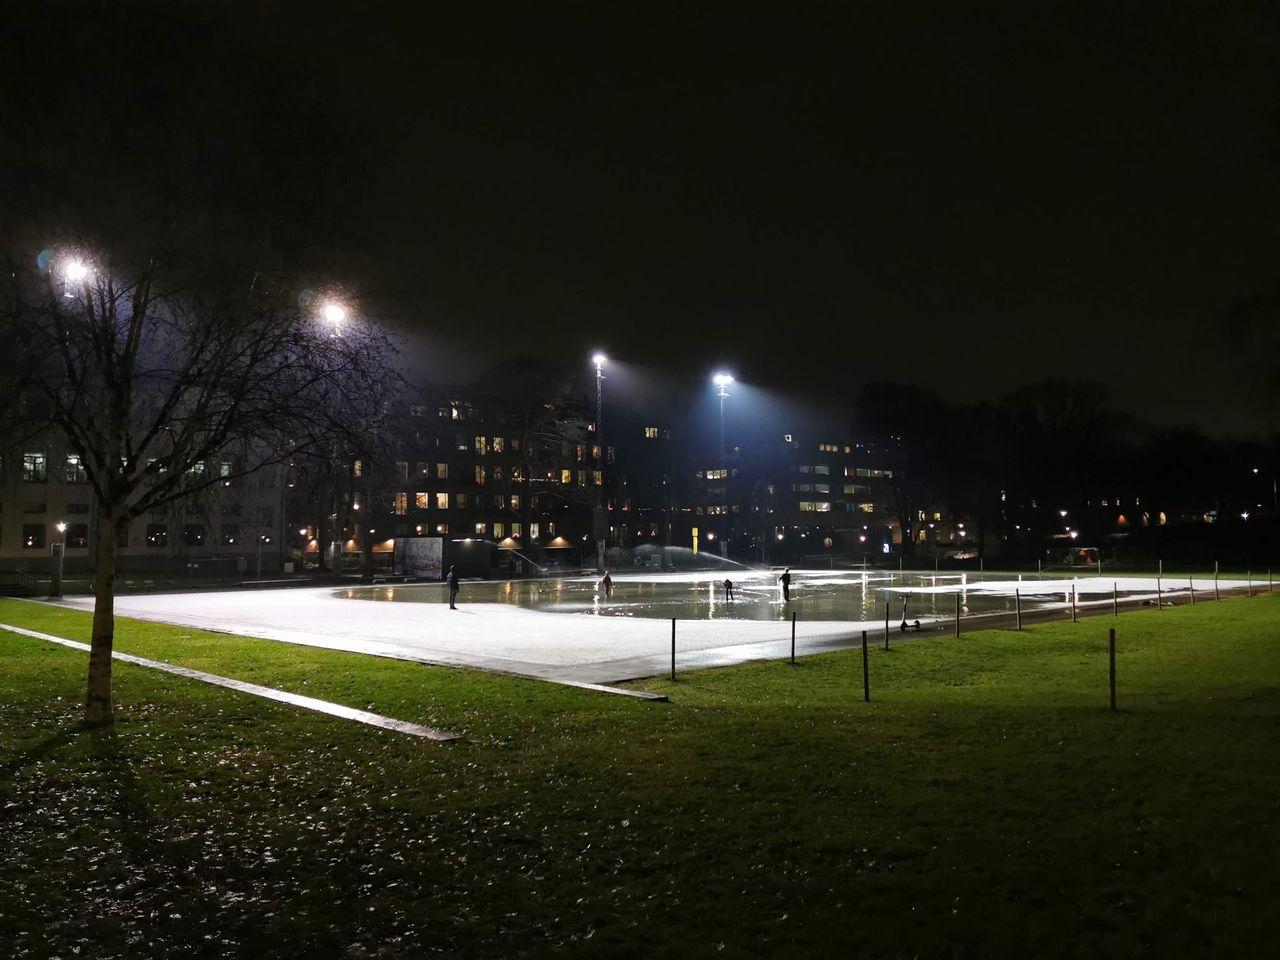 2020 kommer att bli det varmaste året som uppmätts i Sverige